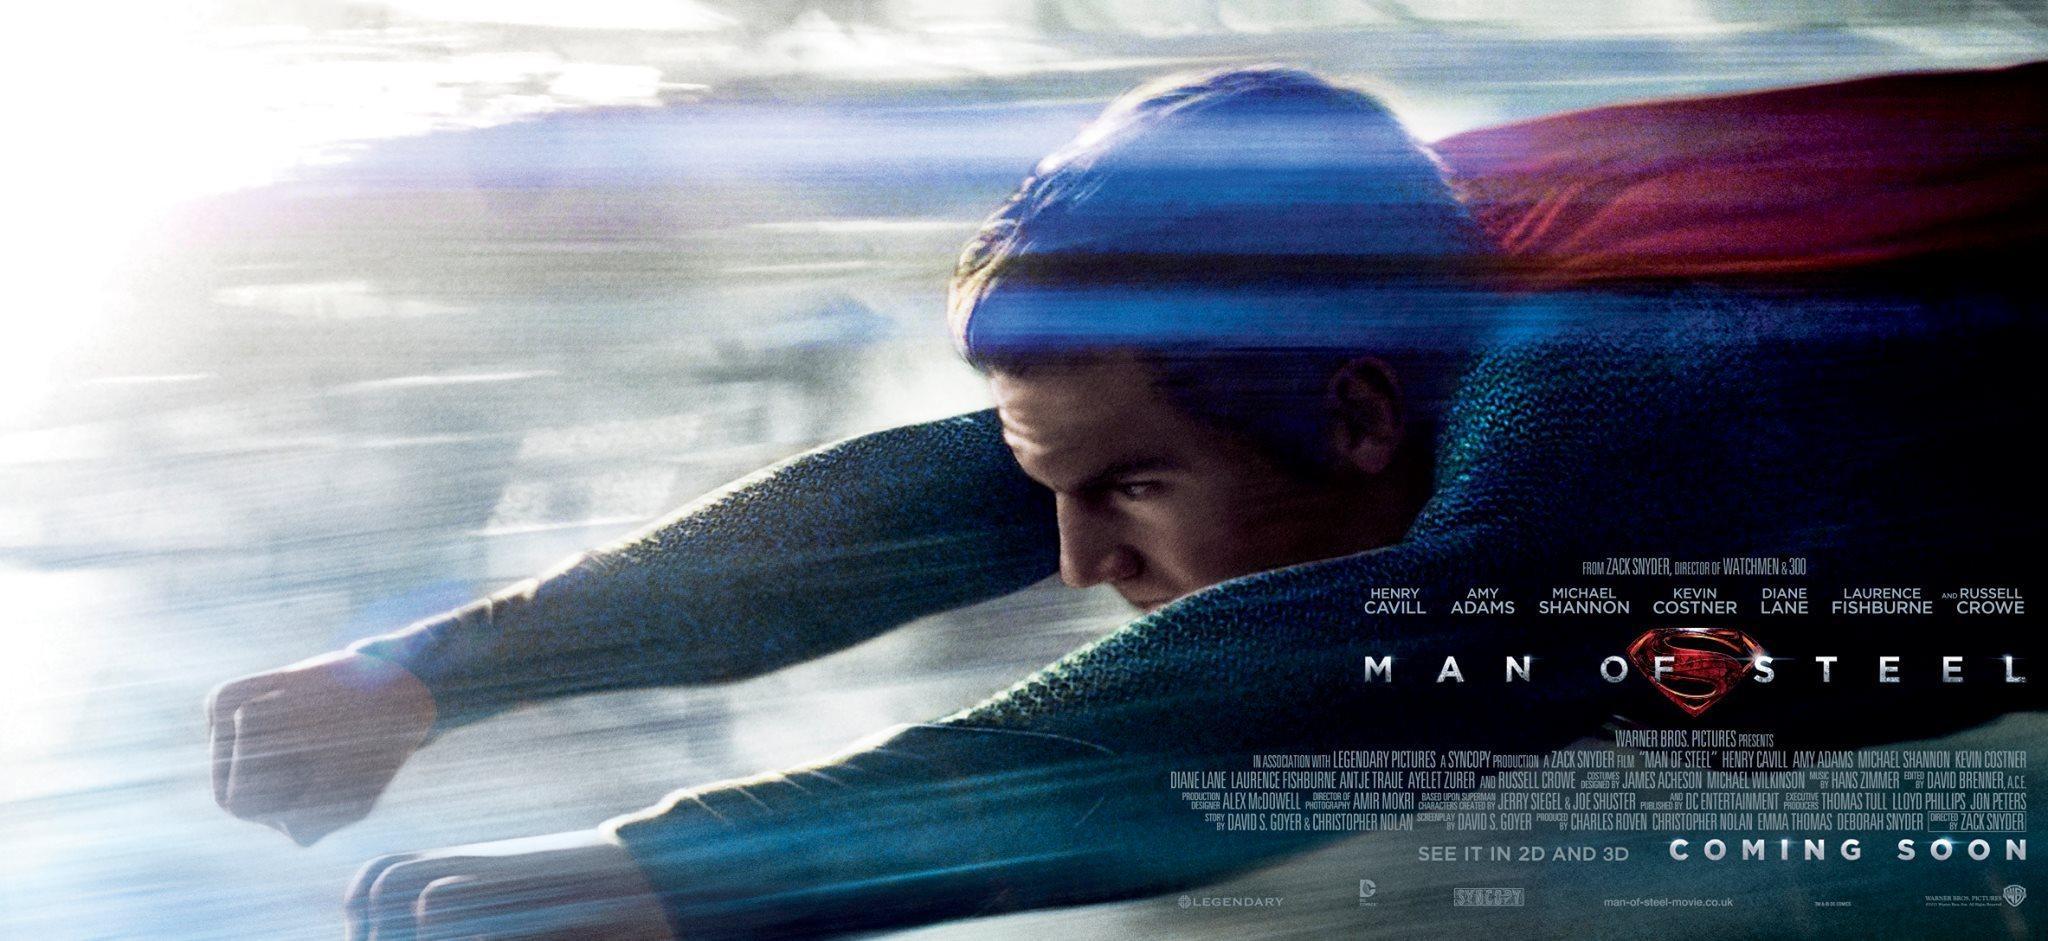 《超人:钢铁之躯》(Man of Steel)发对决版海报 首支特辑揭开超人身世